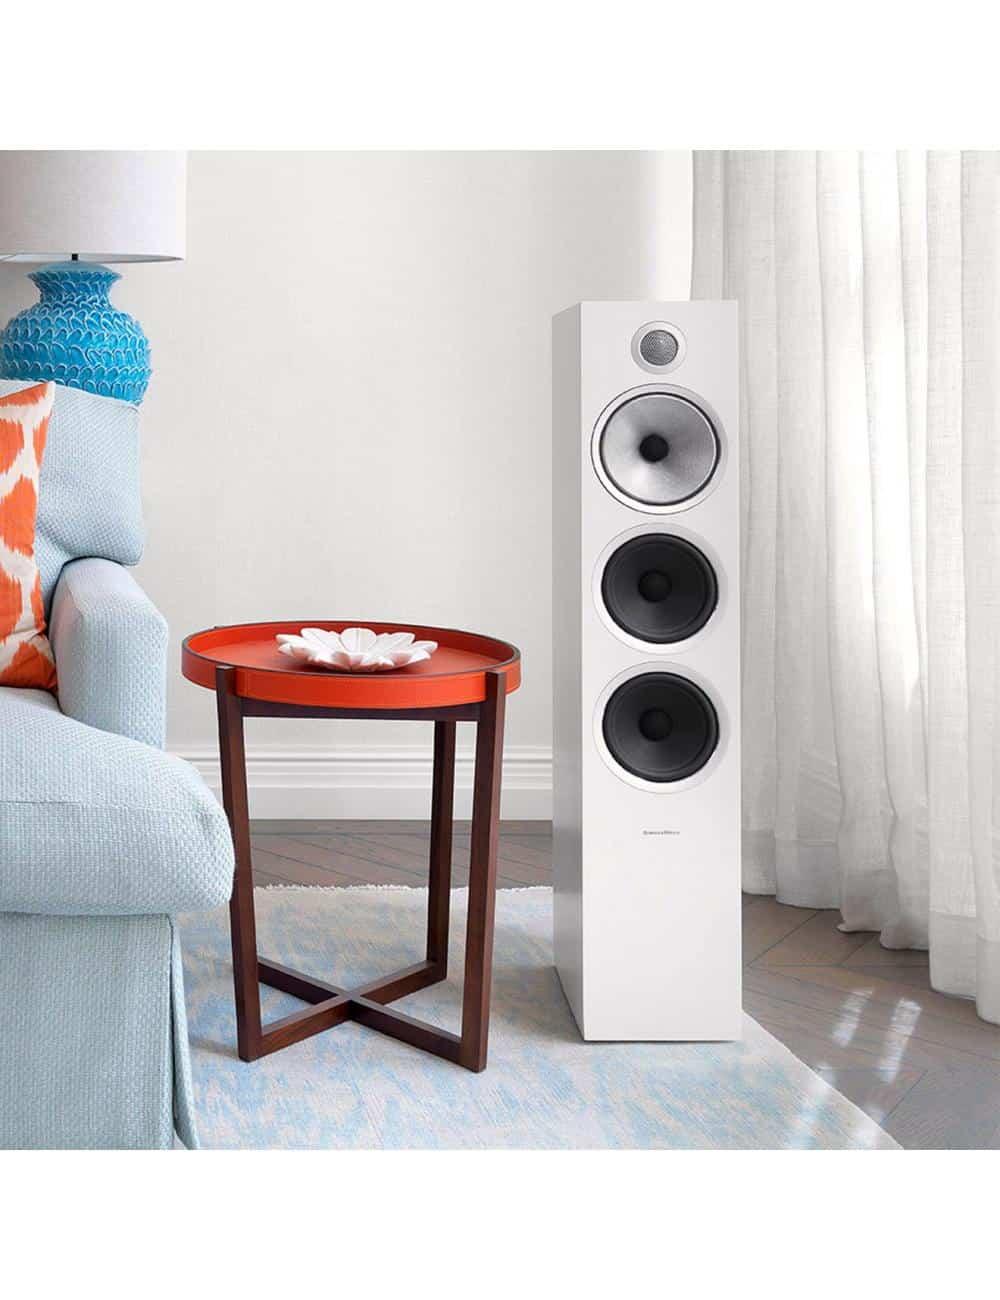 diffusori acustici da pavimento per hifi e home theater, Bowers & Wilkins 703, finitura bianco satinato lifestyle